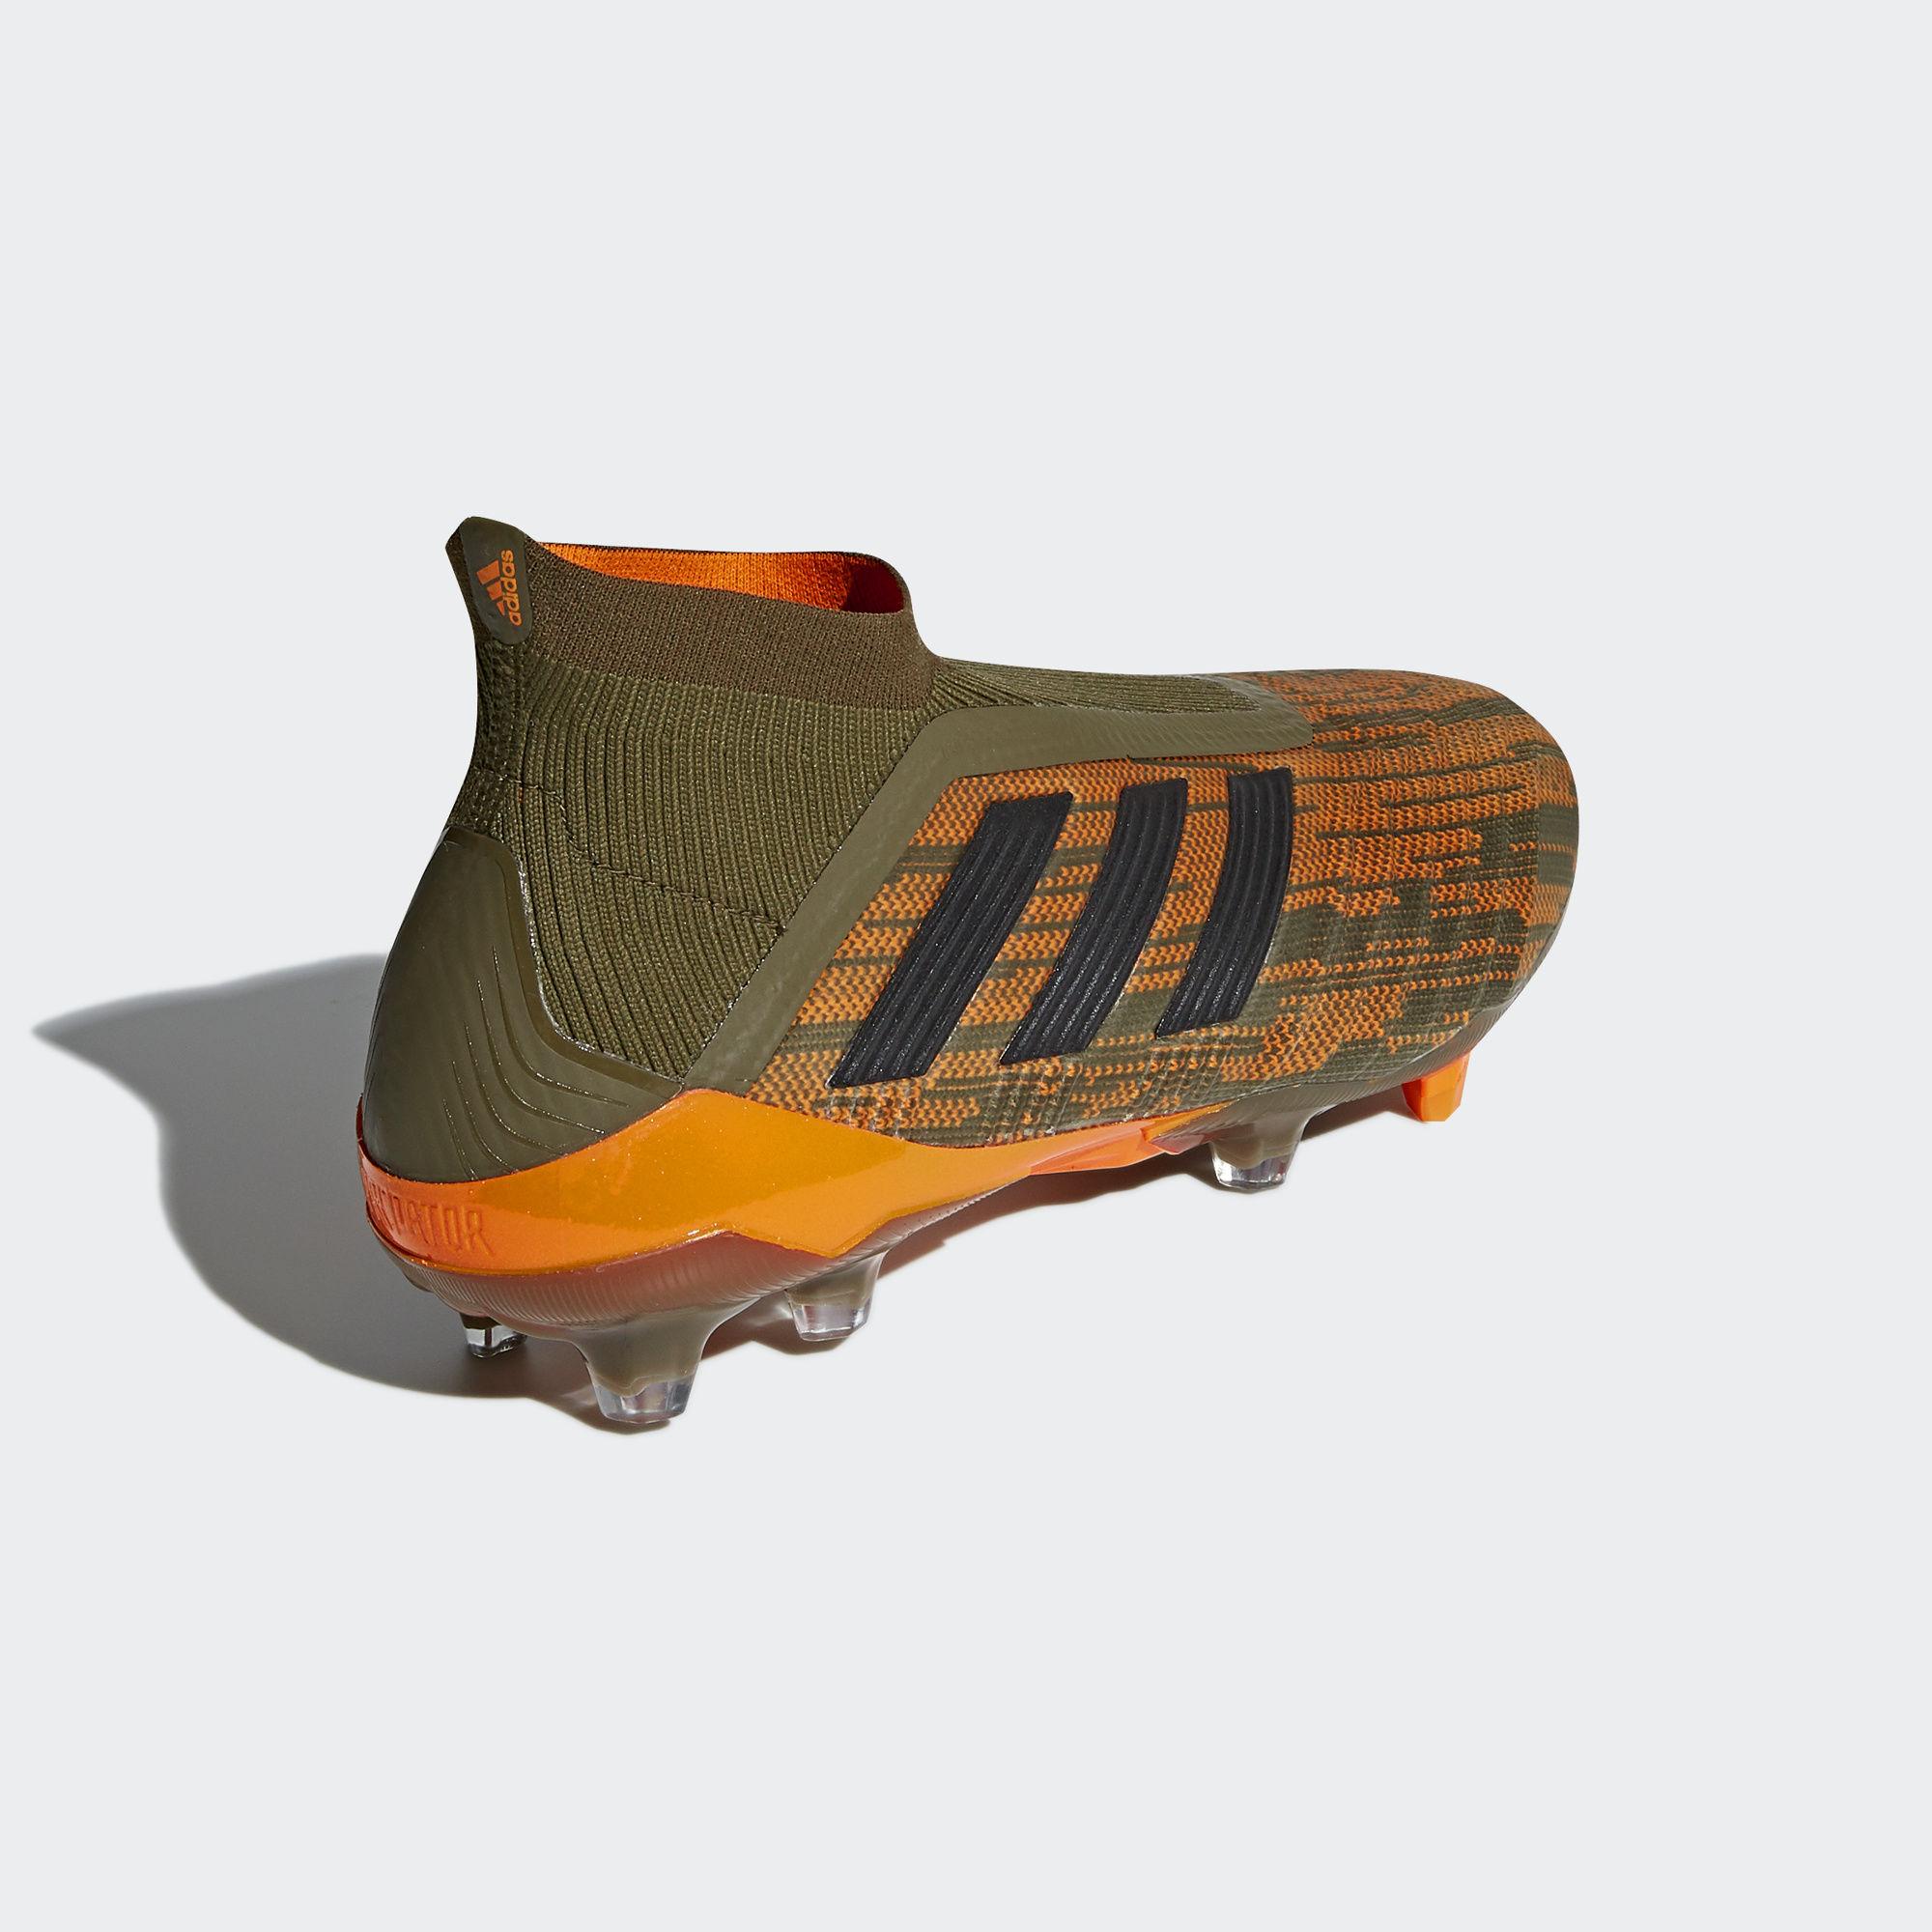 the best attitude 0c319 8067e ... Click to enlarge image  adidas predator 18 lone hunter fg trace olive core black bright orange e.jpg  ...